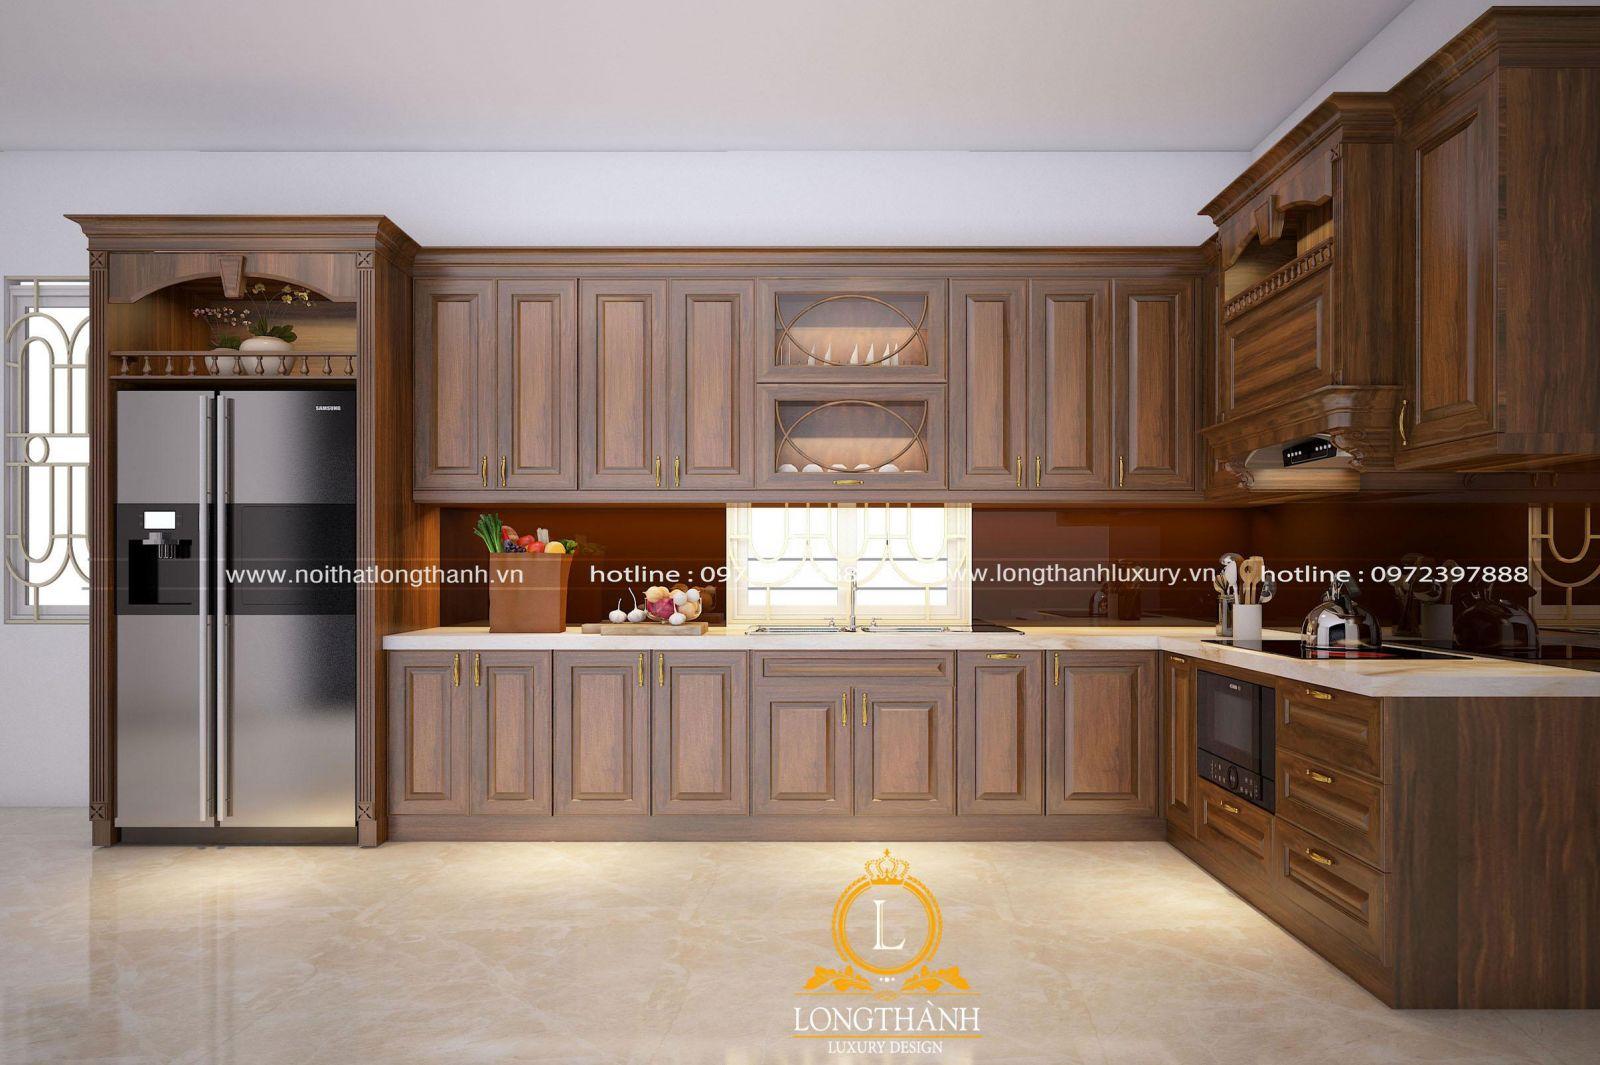 Thiết kế nội thất nhà bếp đẹp theo phong cách tân cổ điển nhẹ nhàng